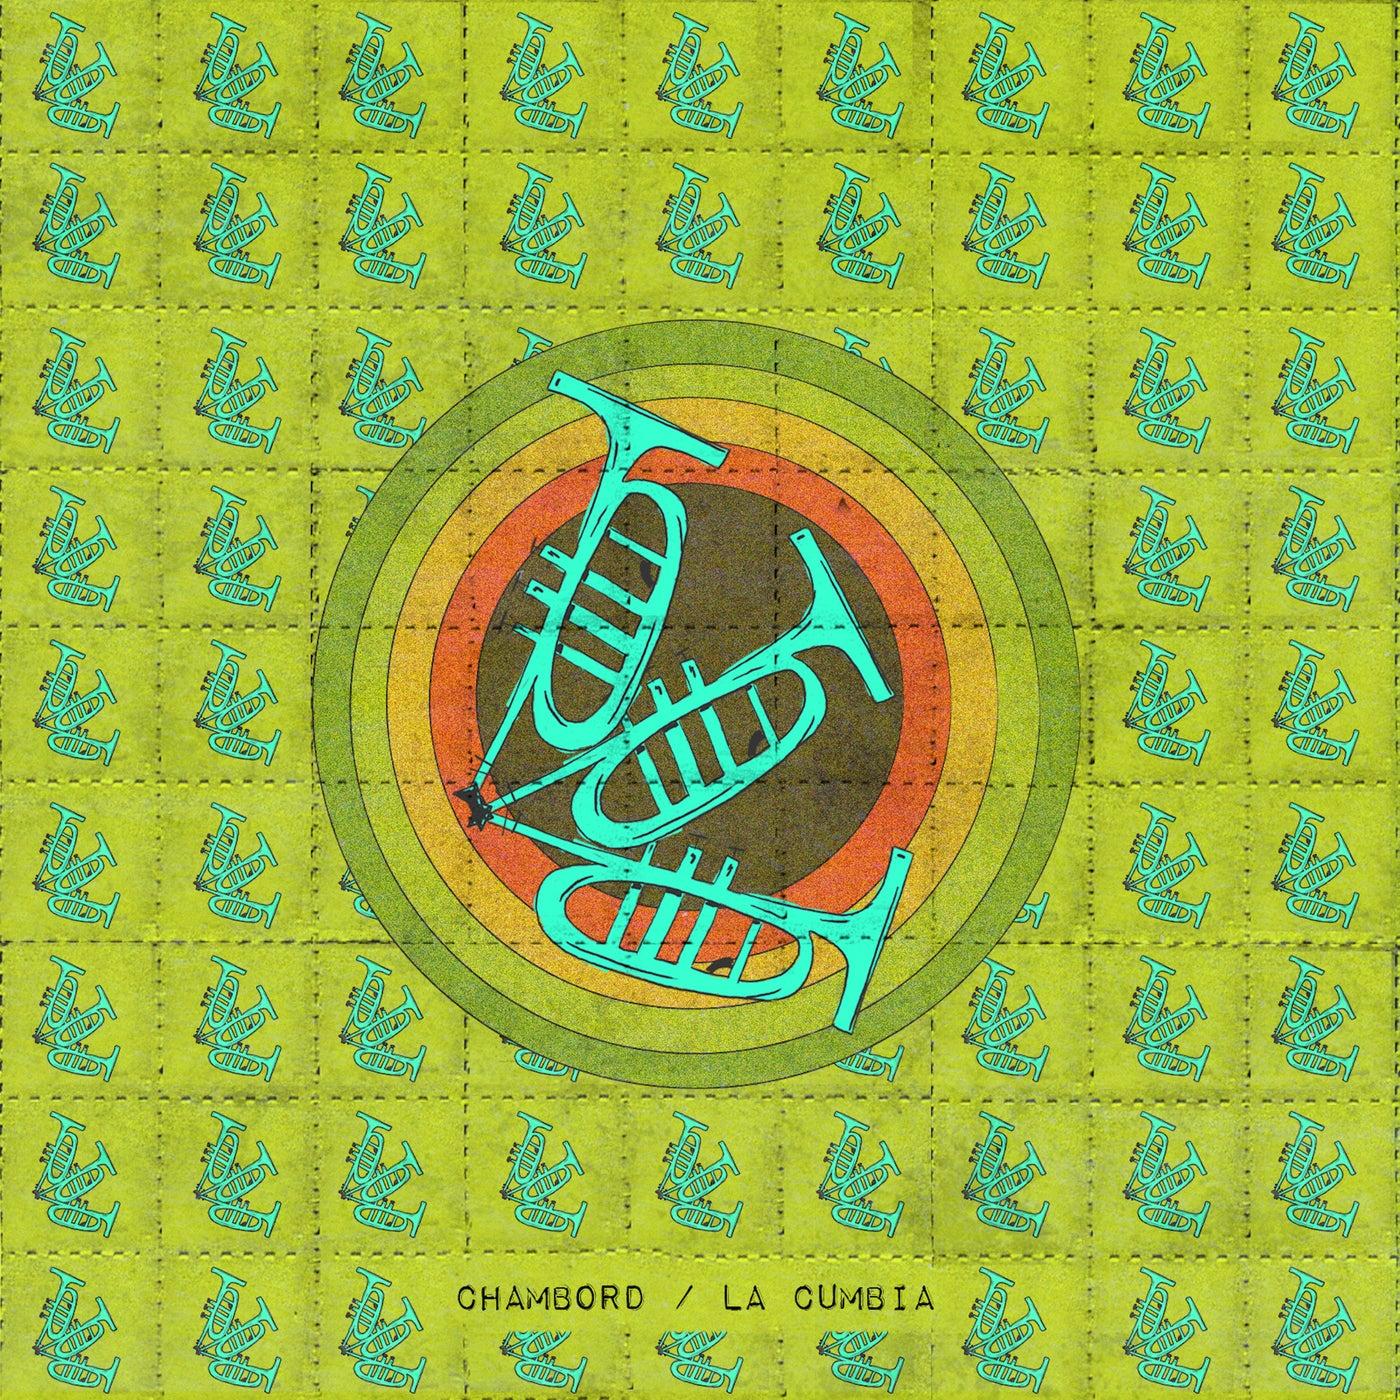 La Cumbia (Original Mix)